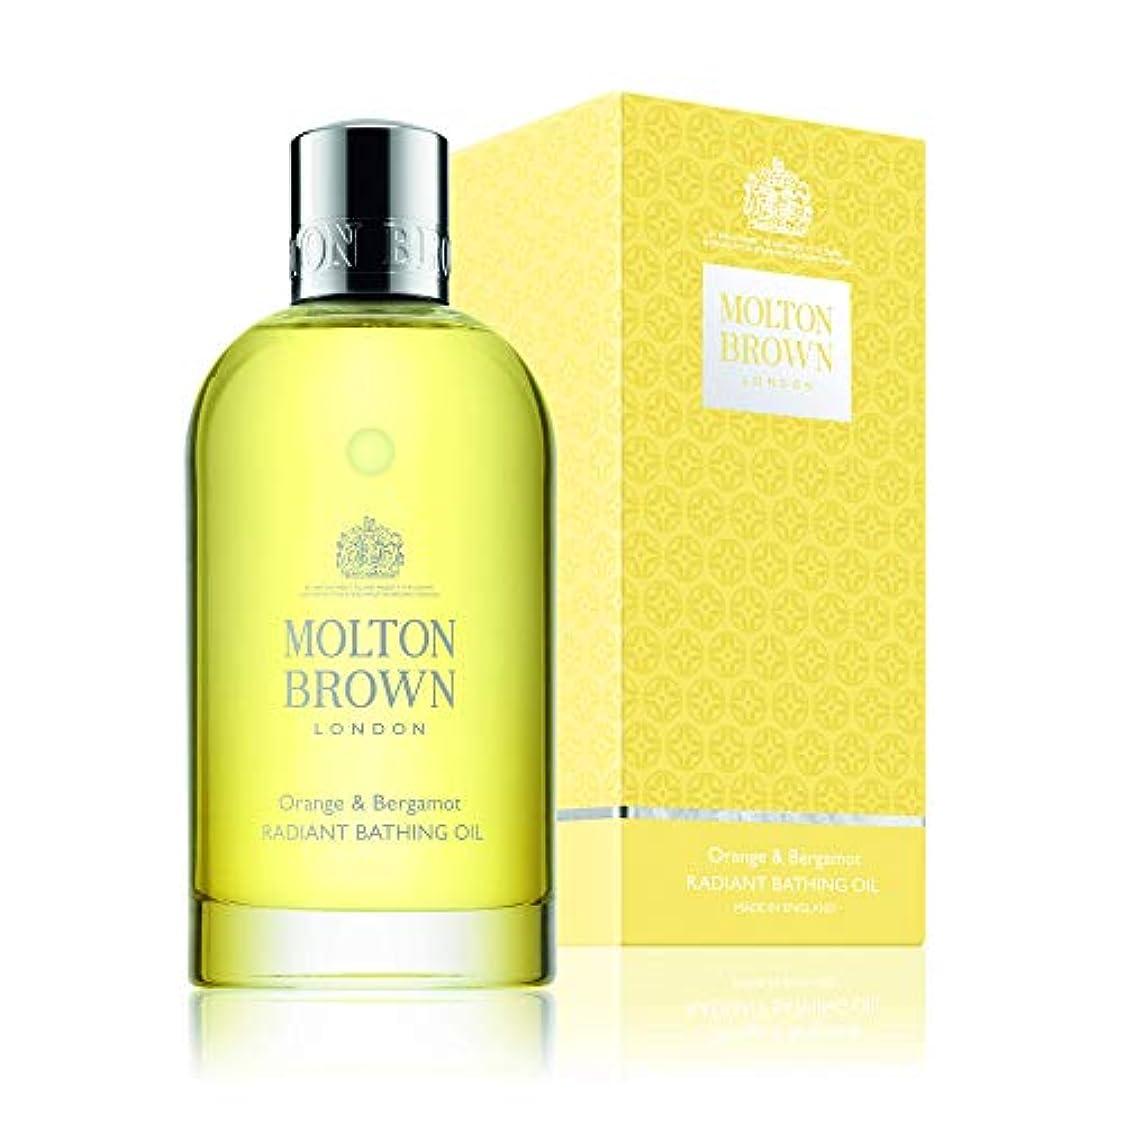 反発悲惨なインペリアルMOLTON BROWN(モルトンブラウン) オレンジ&ベルガモット コレクション O&B ベージングオイル